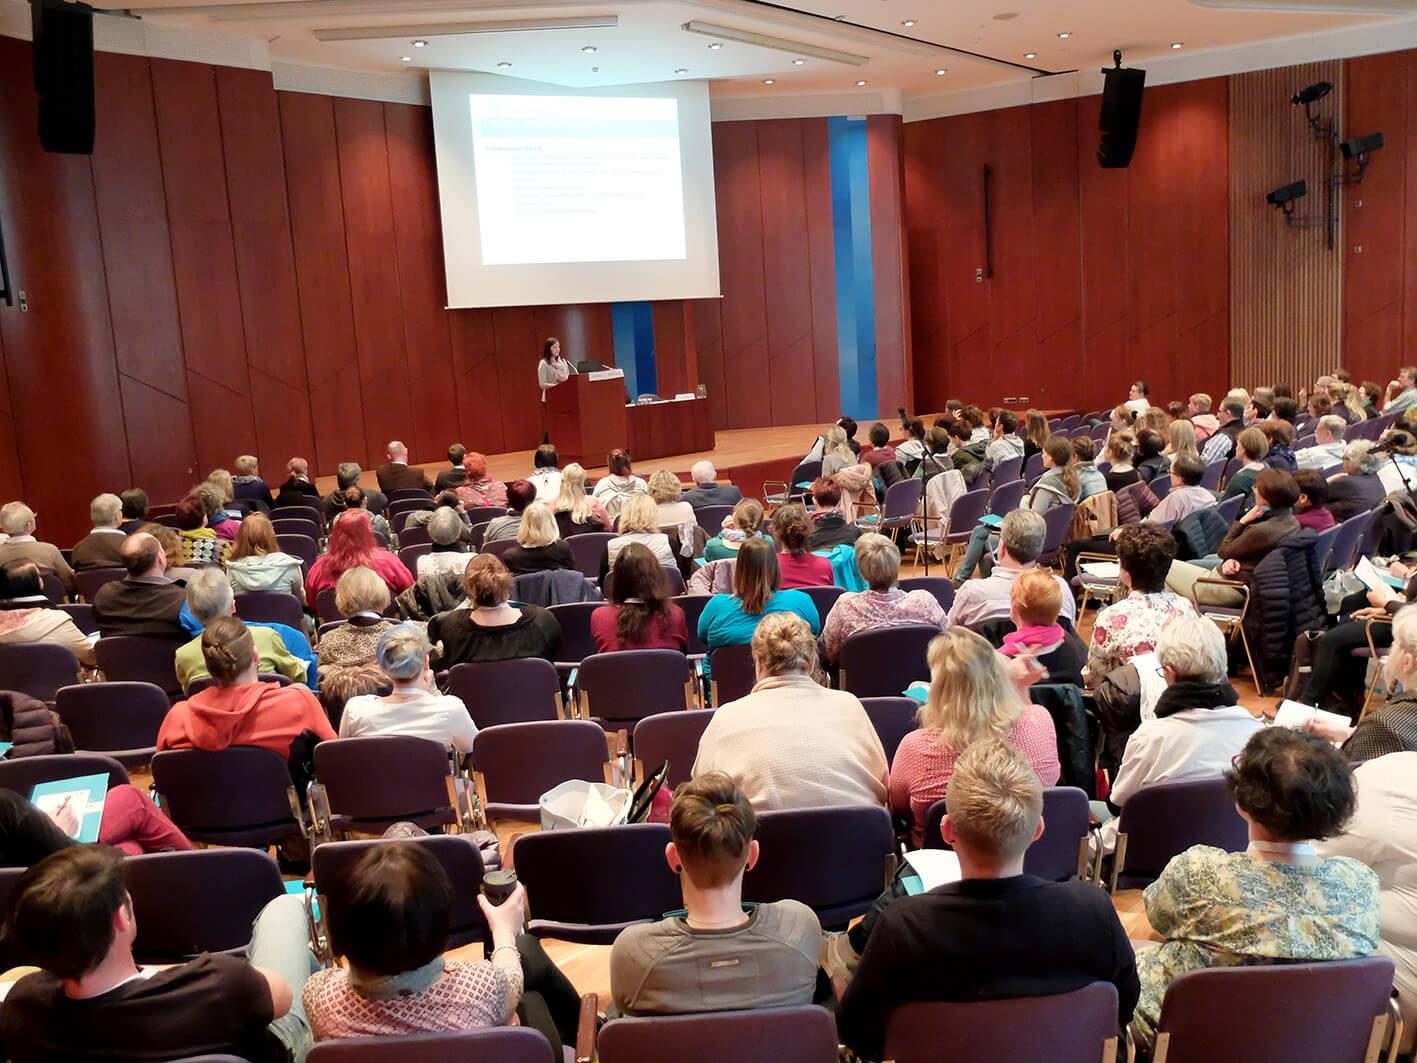 Voller Saal beim Wundysmposium